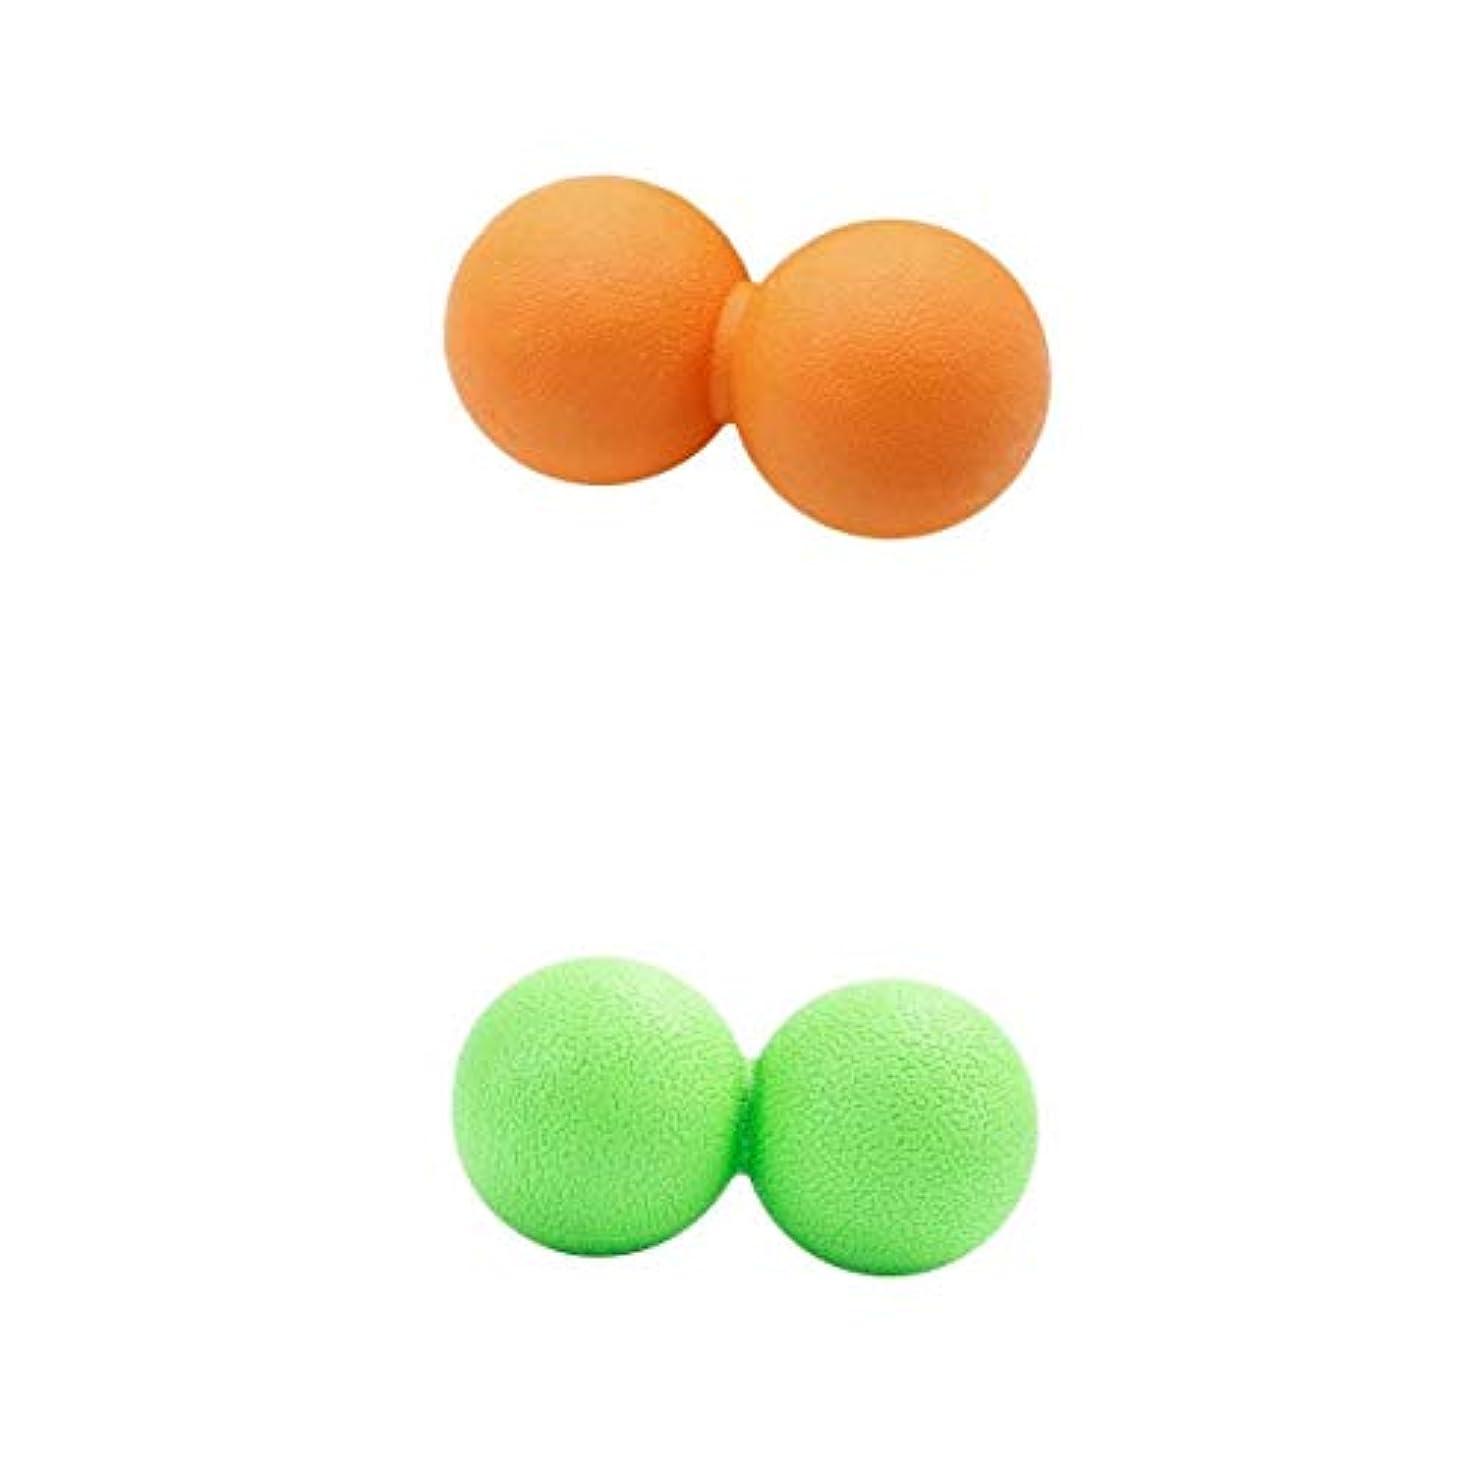 コンパス曖昧な酸素マッサージボール ピーナッツ型 筋膜リリース トリガーポイント ツボ押しグッズ 2個入